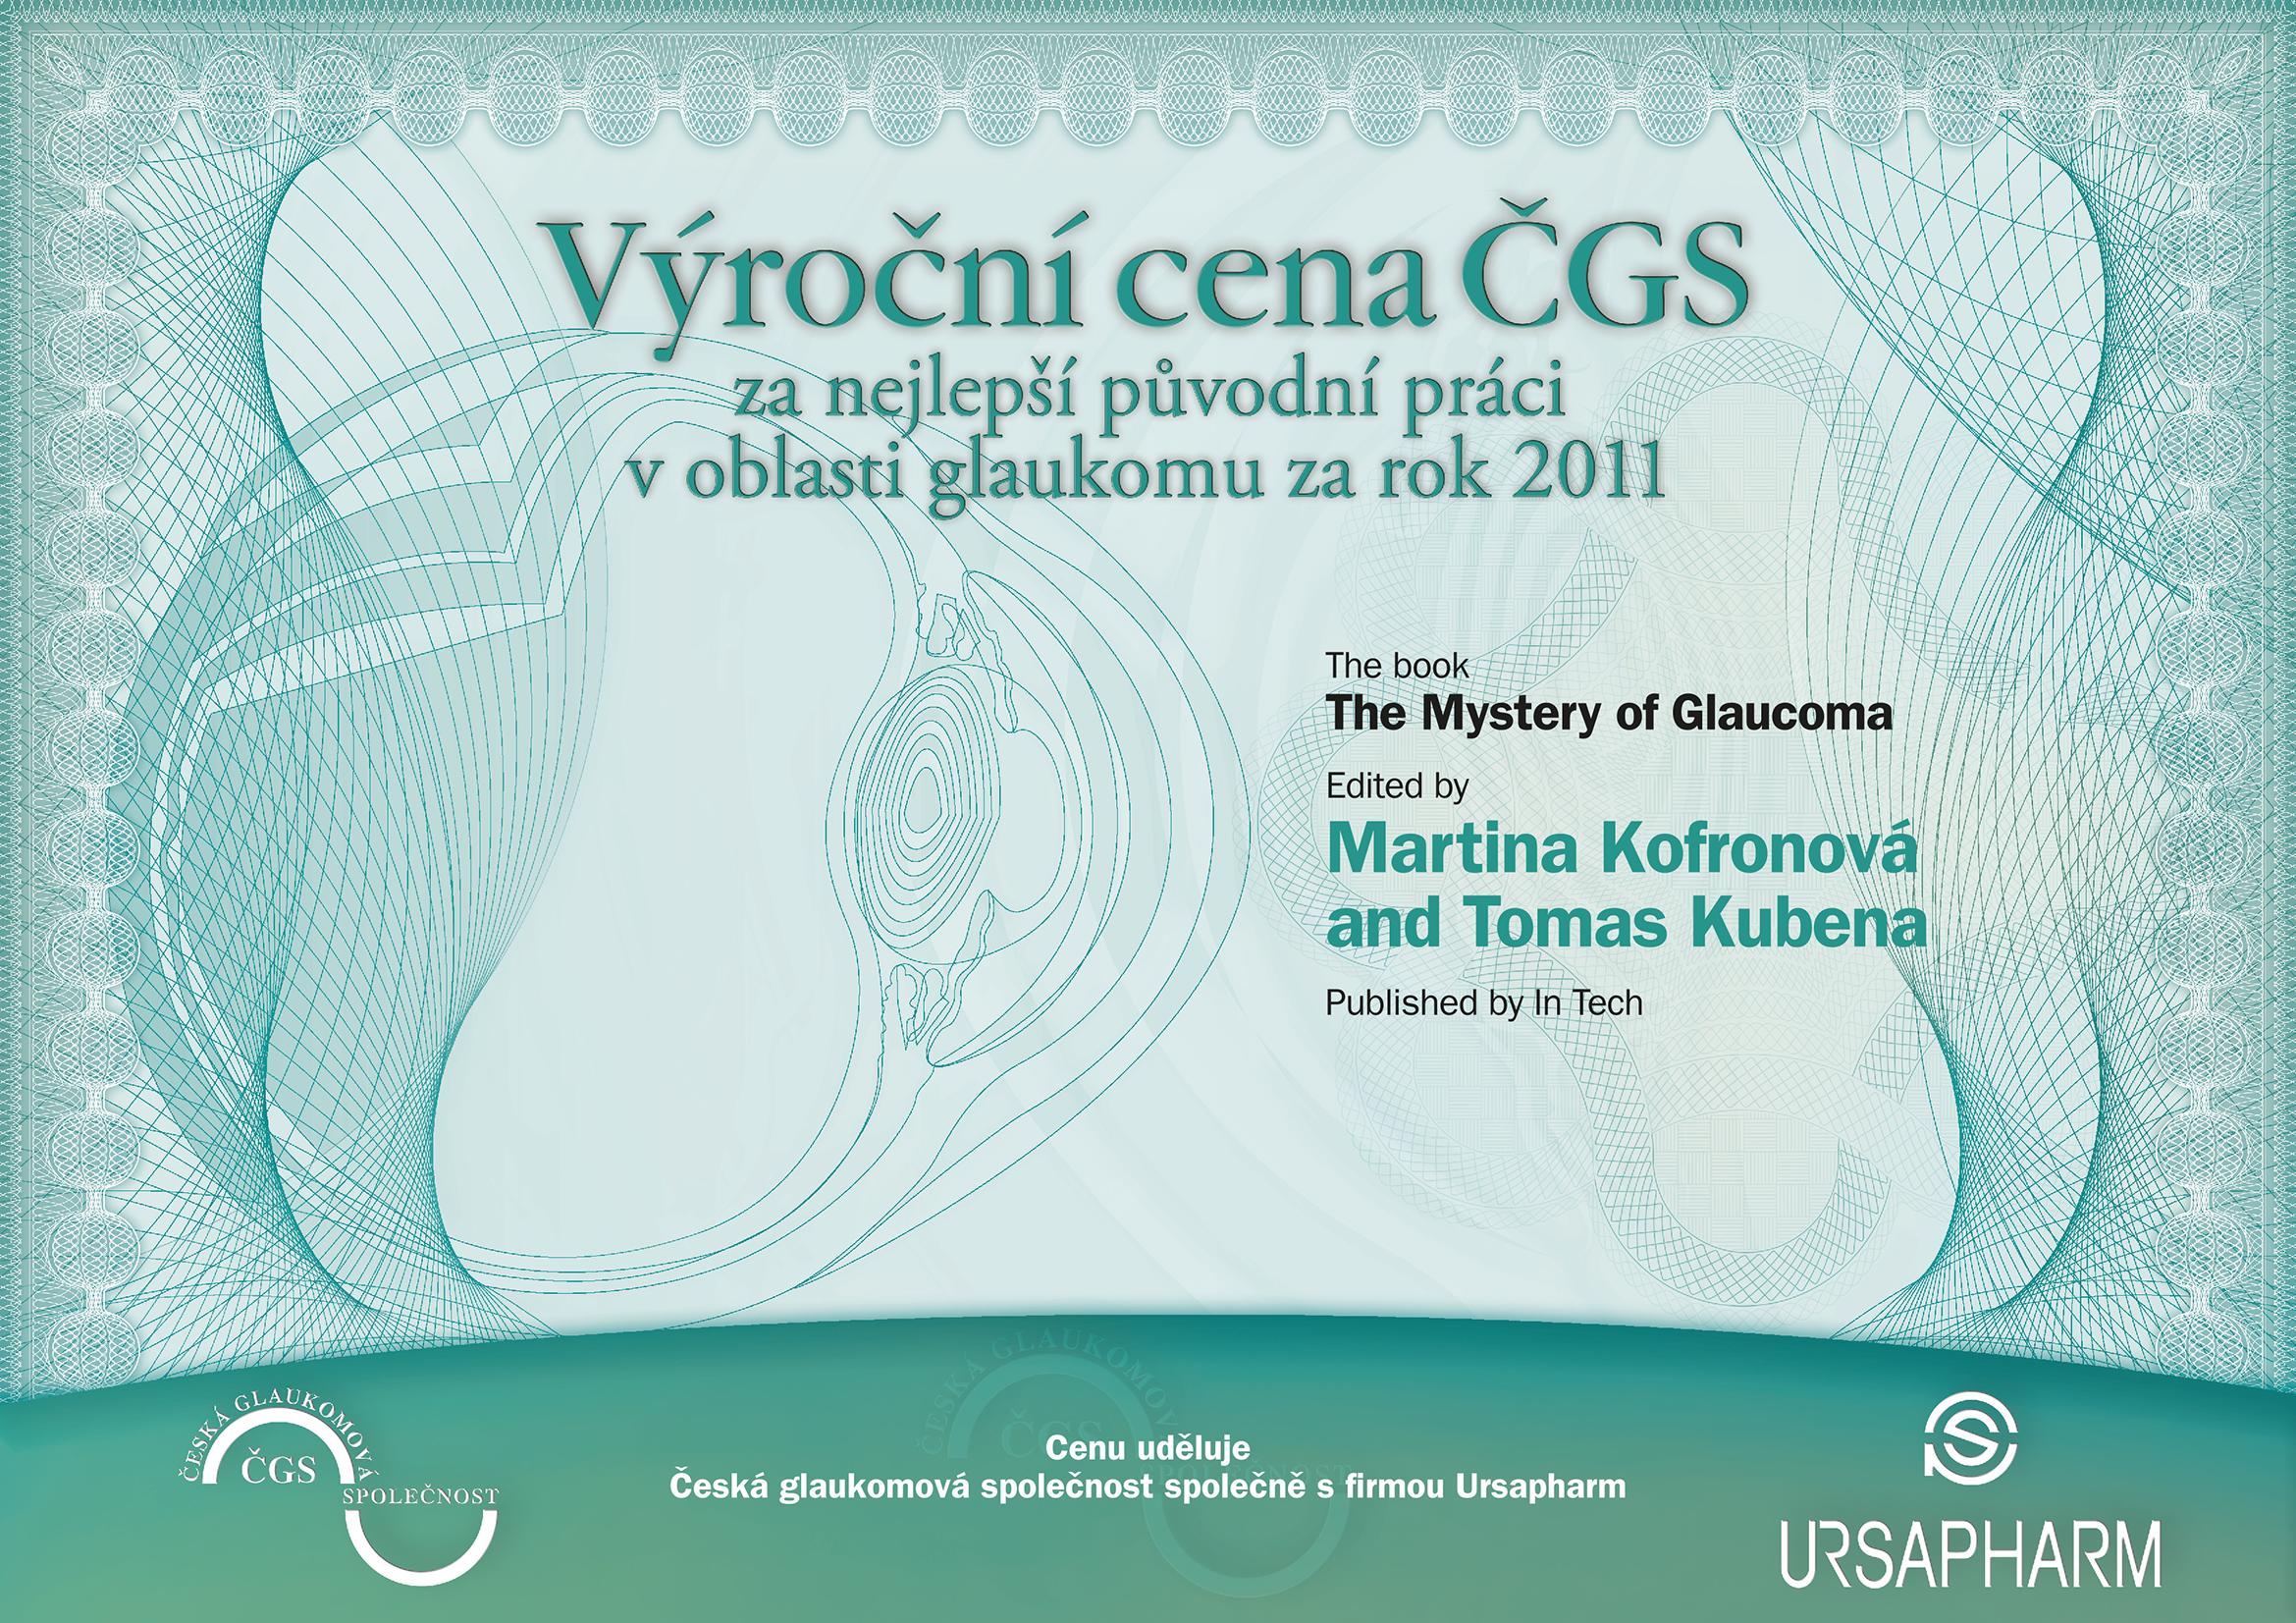 Výroční cena ČGS 2011